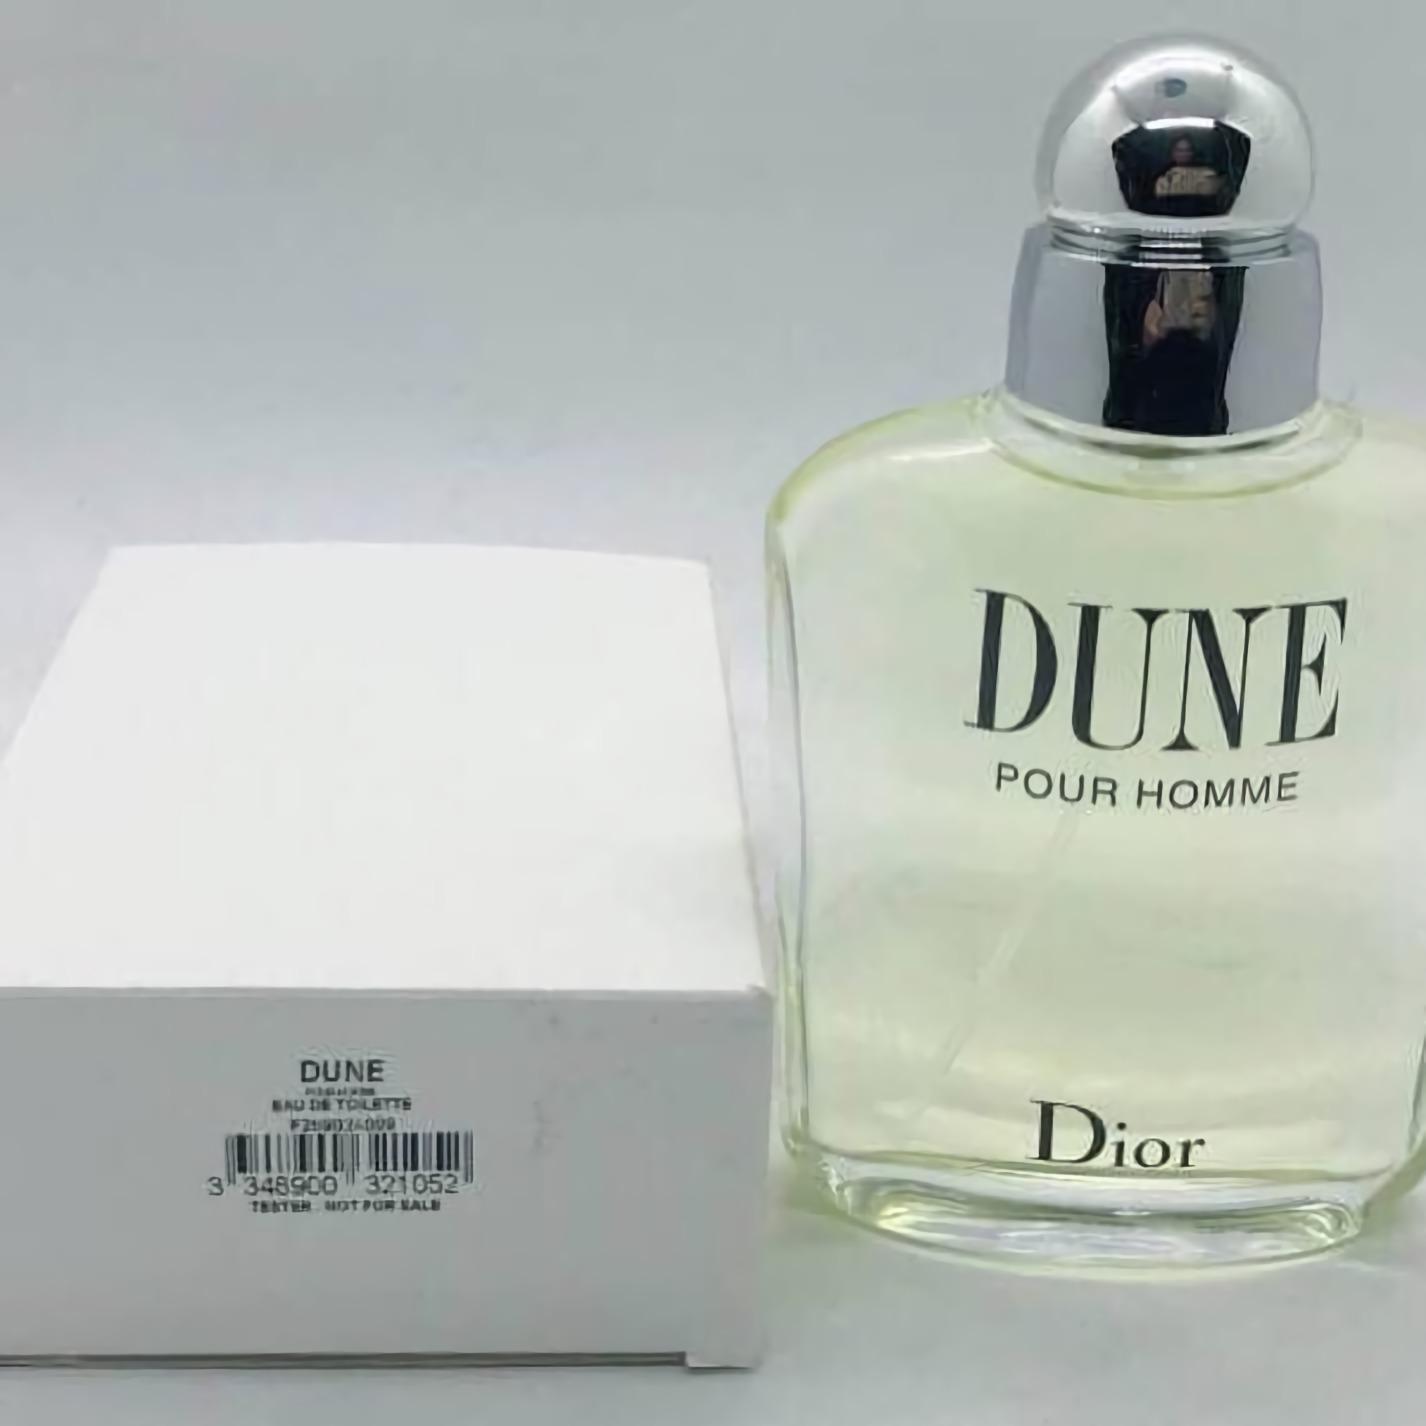 модная туалетная вода для мужчин Dior Dune Pour Homme